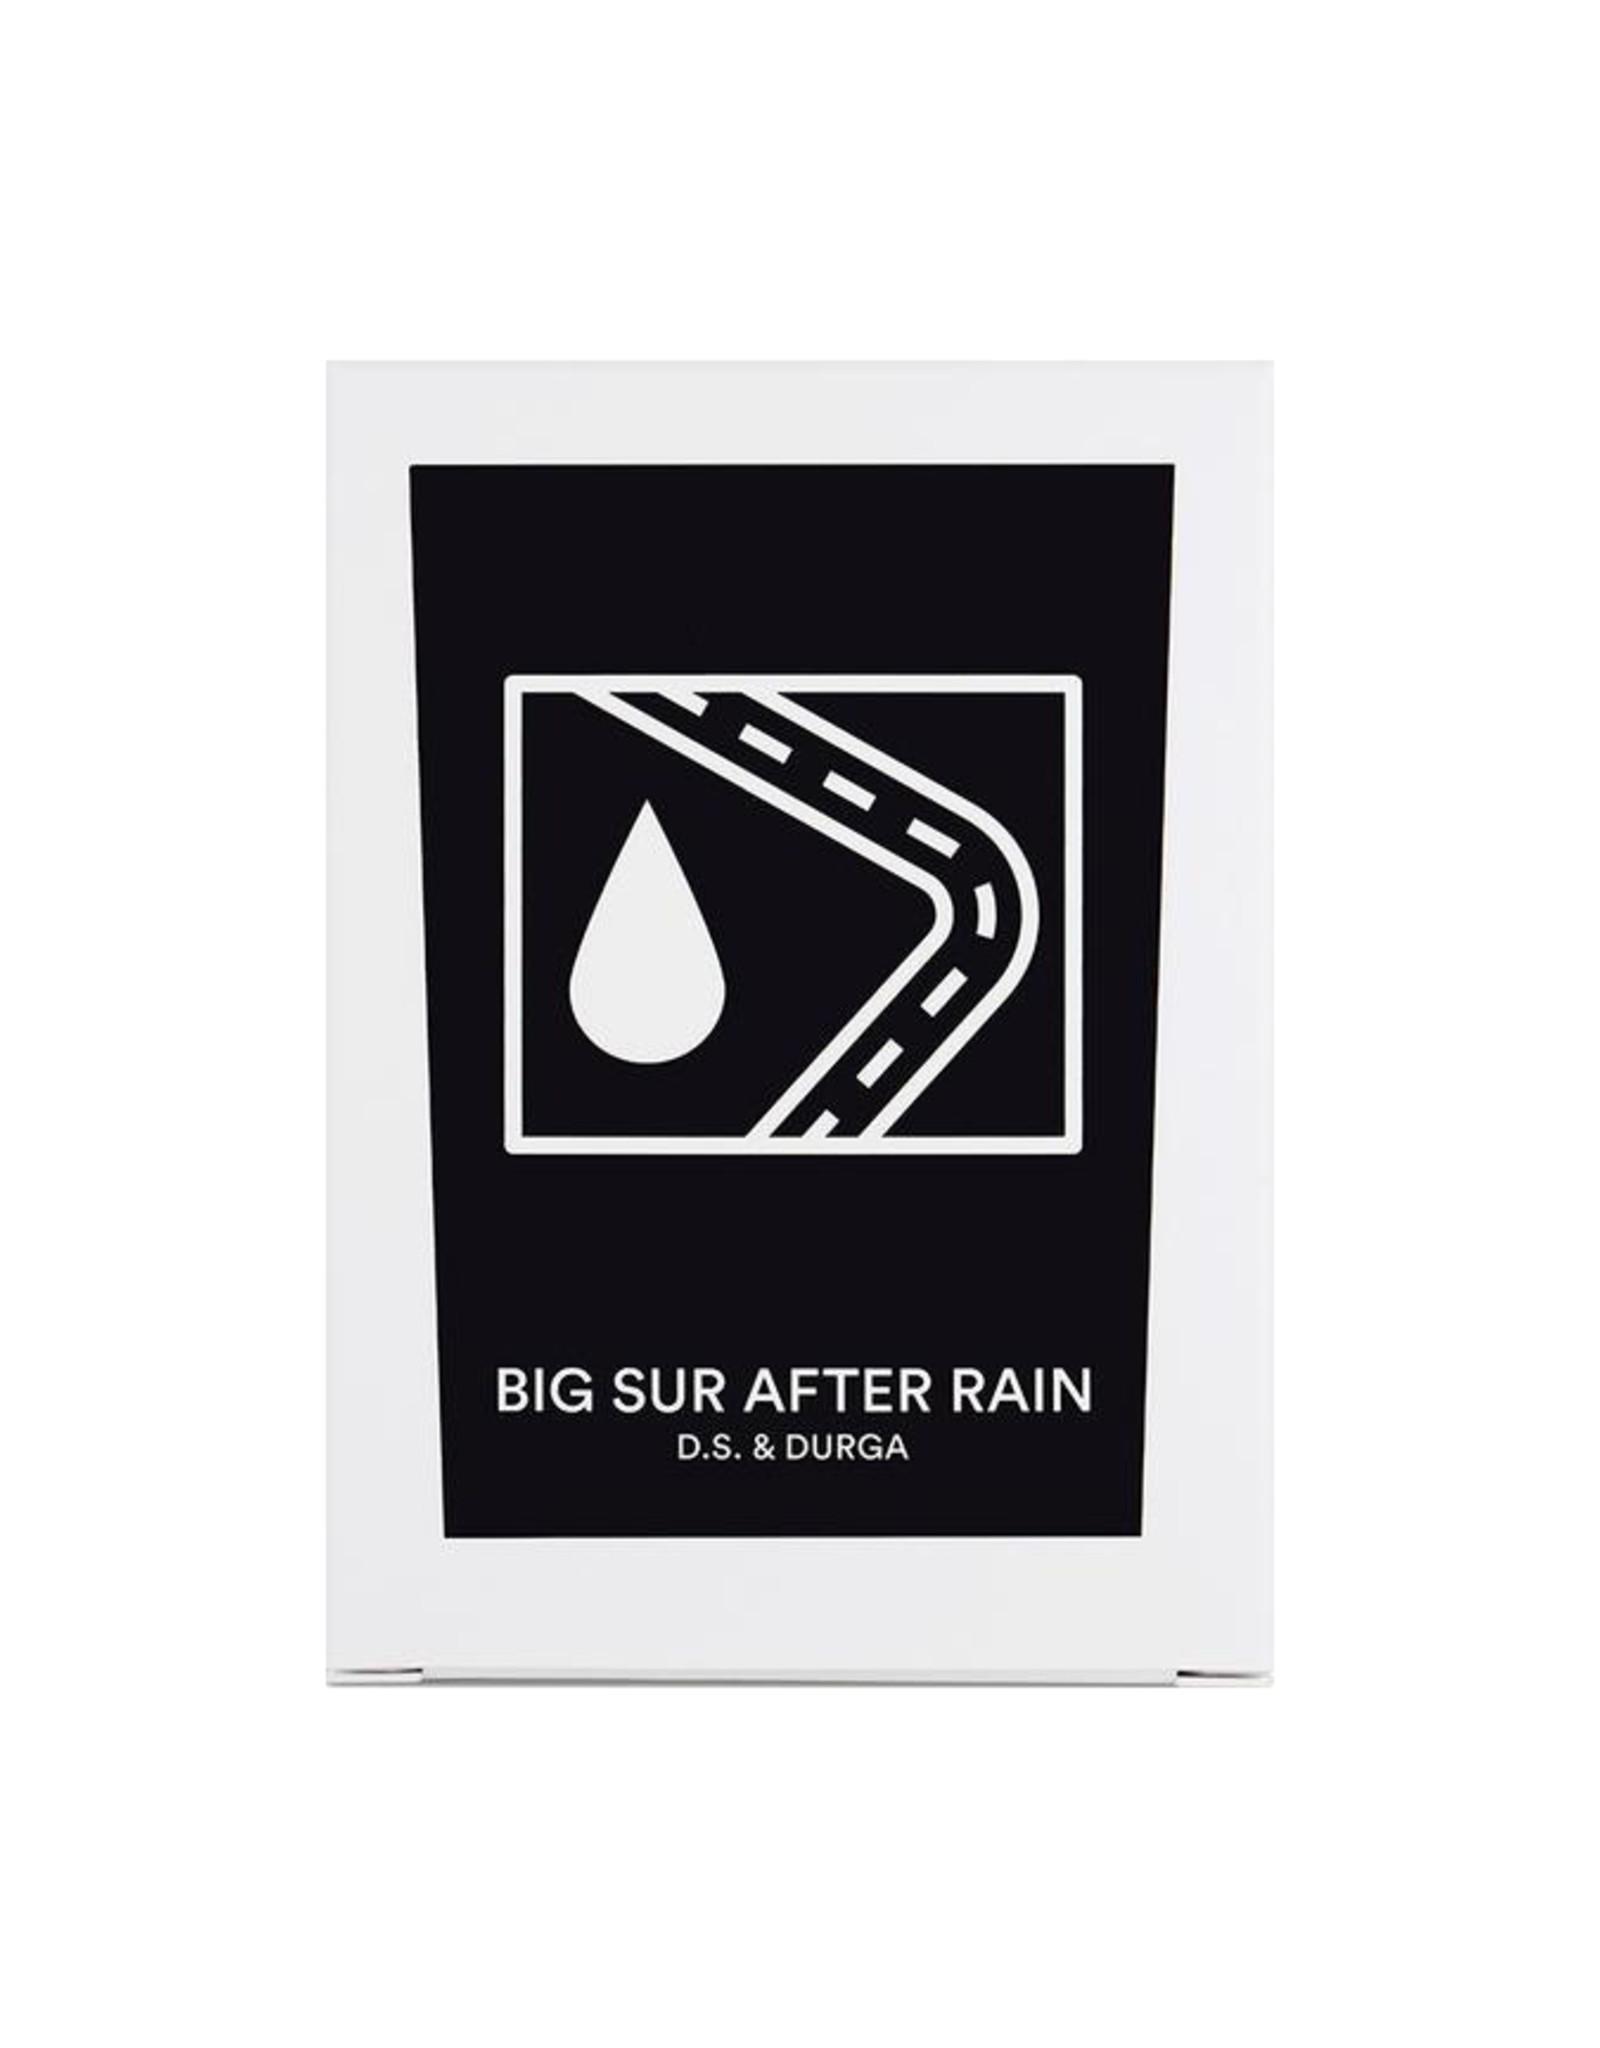 D.S. & DURGA Big Sur After Rain - Candle - 7oz.